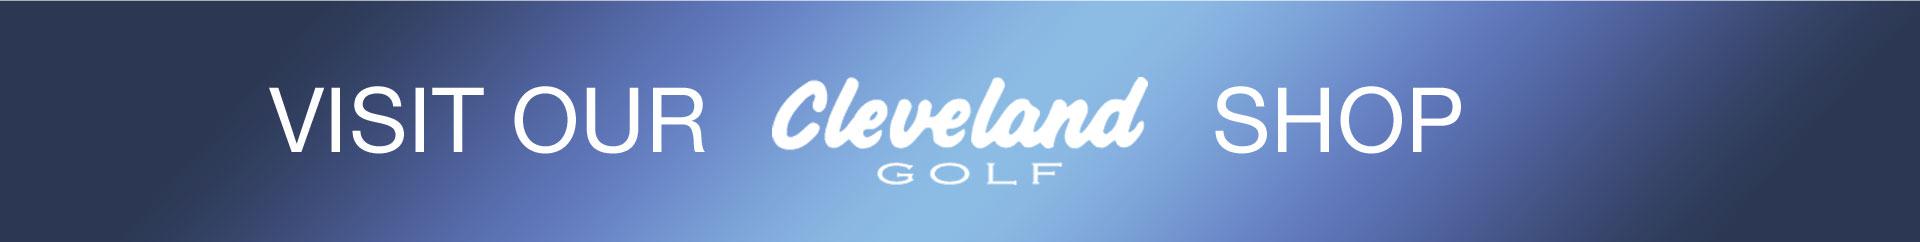 Cleveland Shop